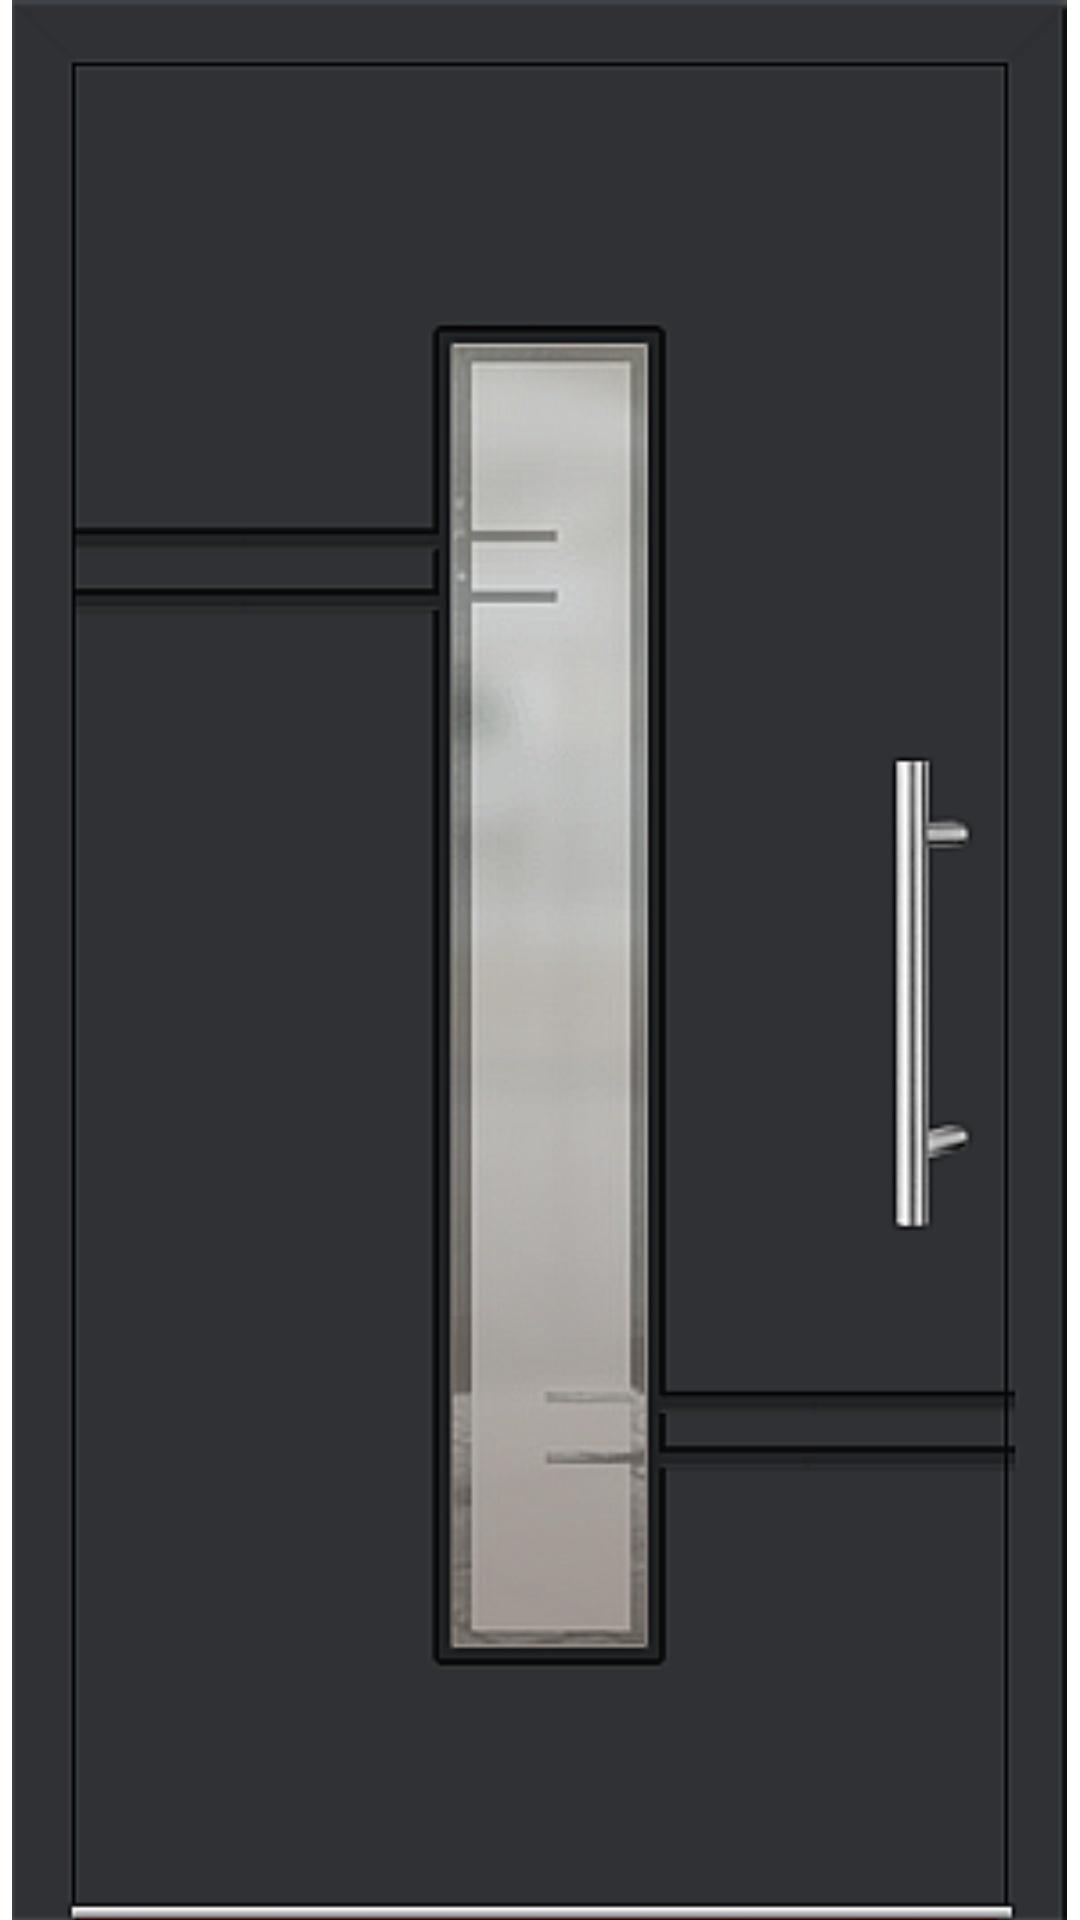 Kunststoff Haustür Modell 6814-52 schwarz